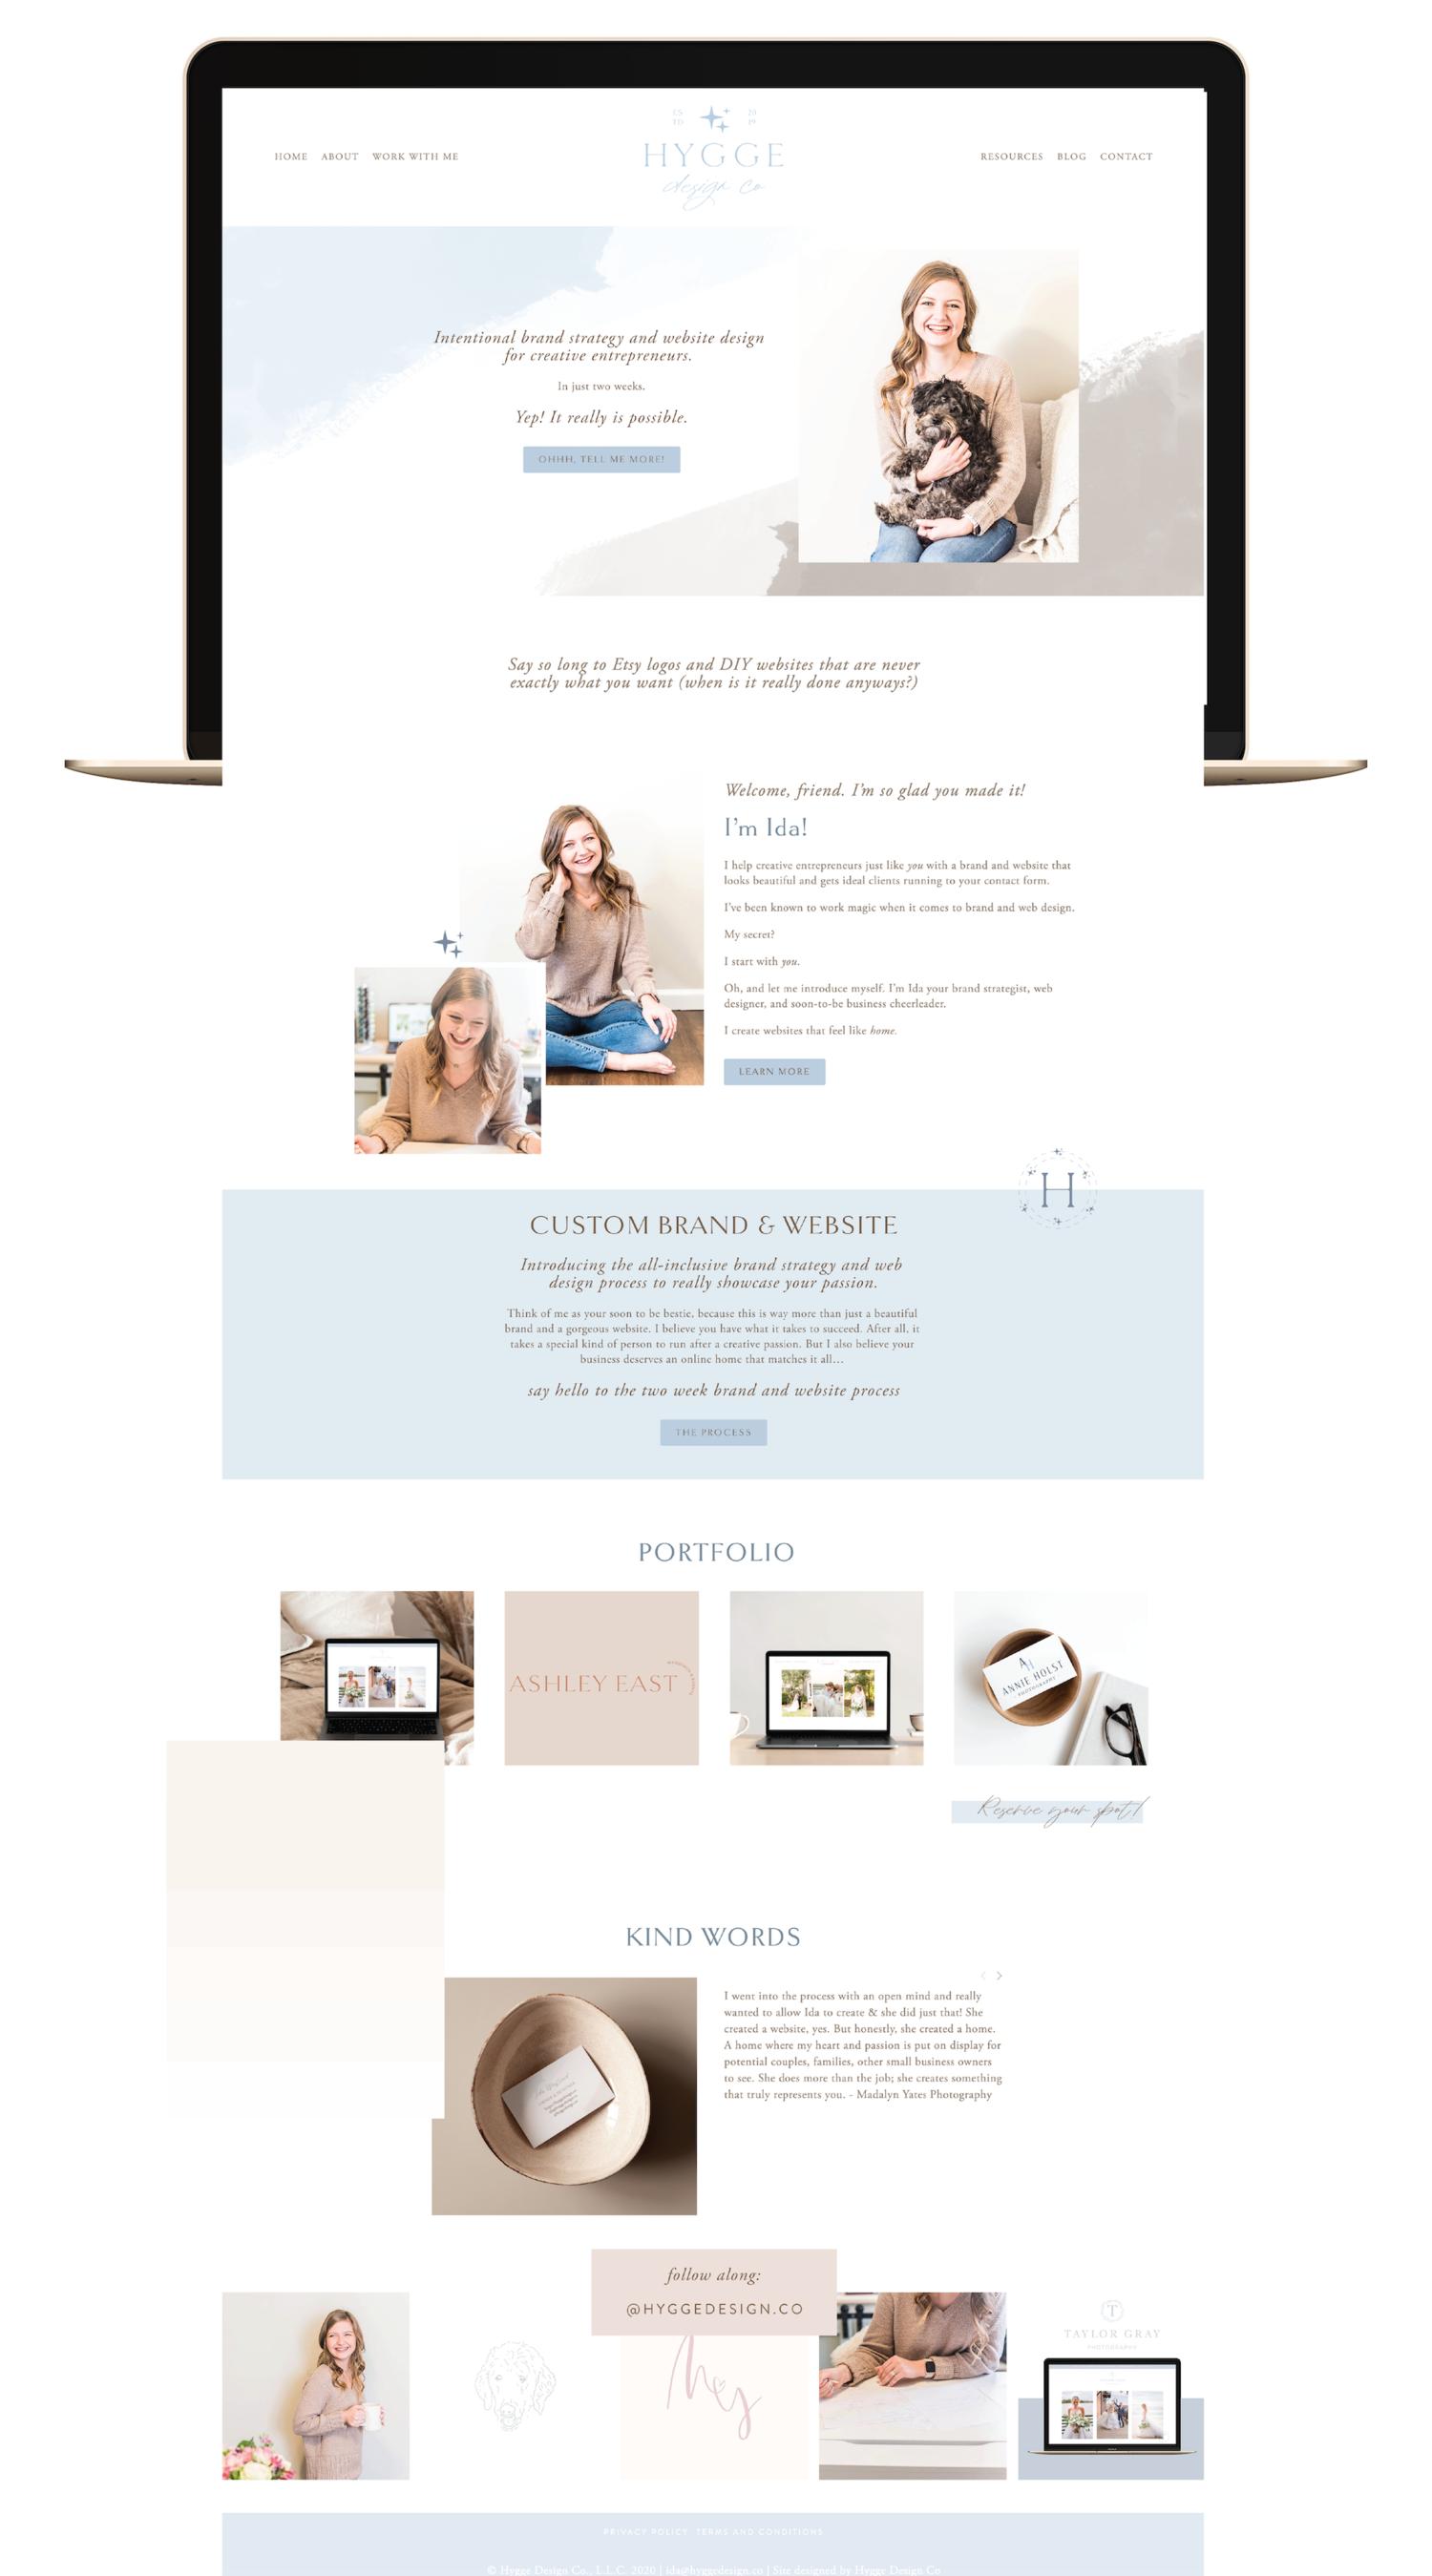 Girlboss Designer Website Branding And Web Design For Women Entrepreneurs Wordpress Theme By Lo Business Web Design Web Layout Design Website Design Company